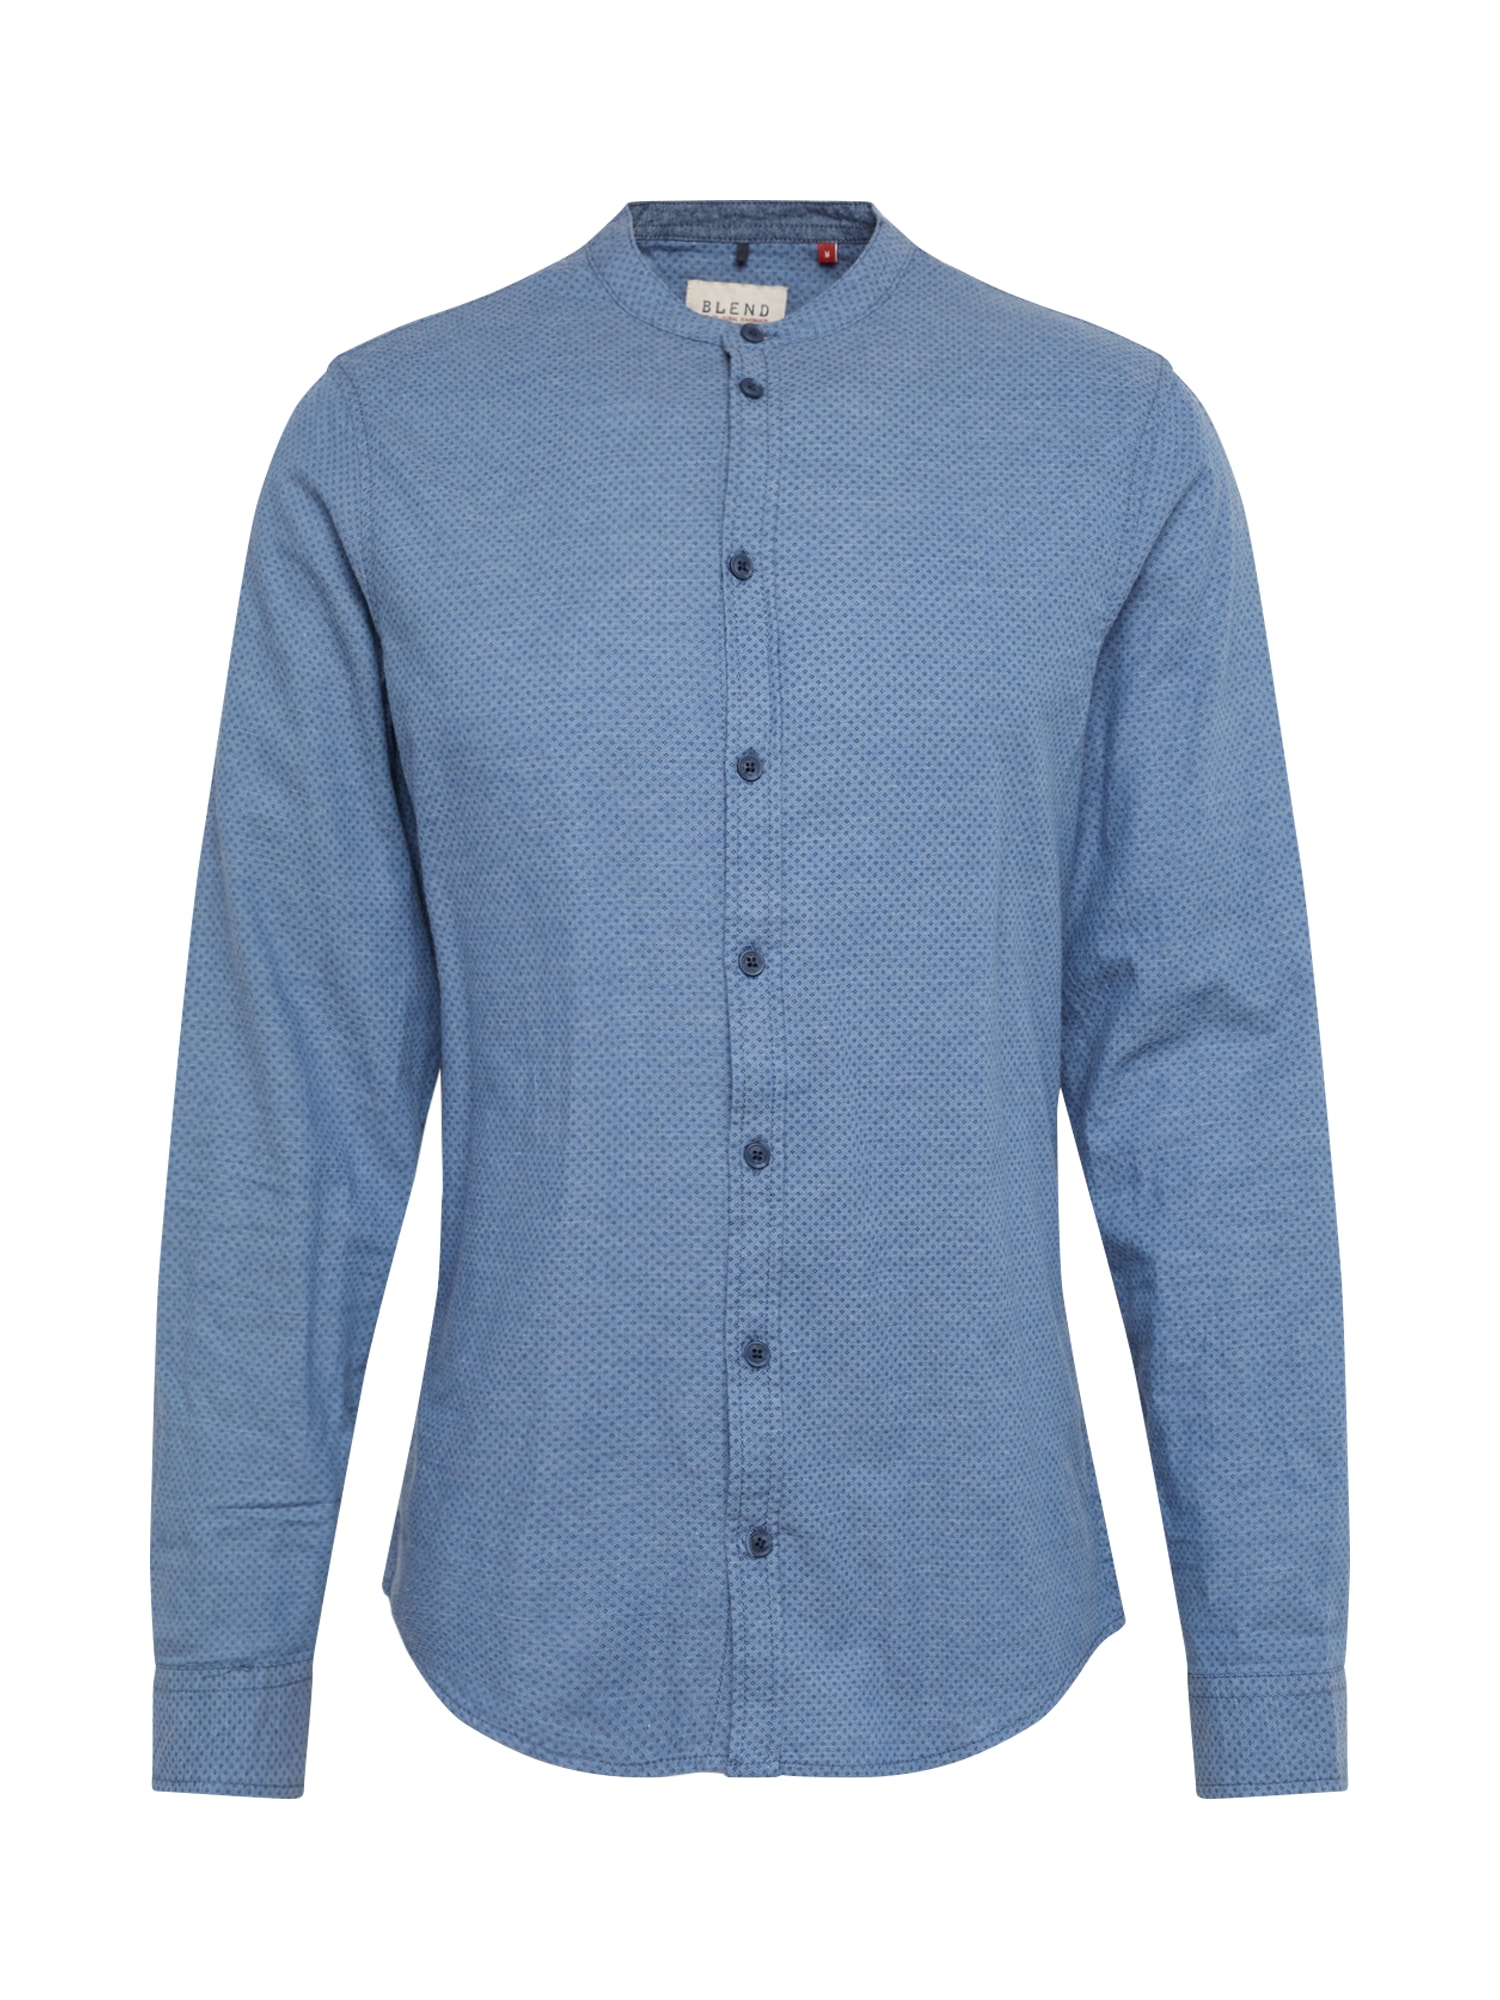 BLEND Marškiniai mėlyna dūmų spalva / tamsiai mėlyna